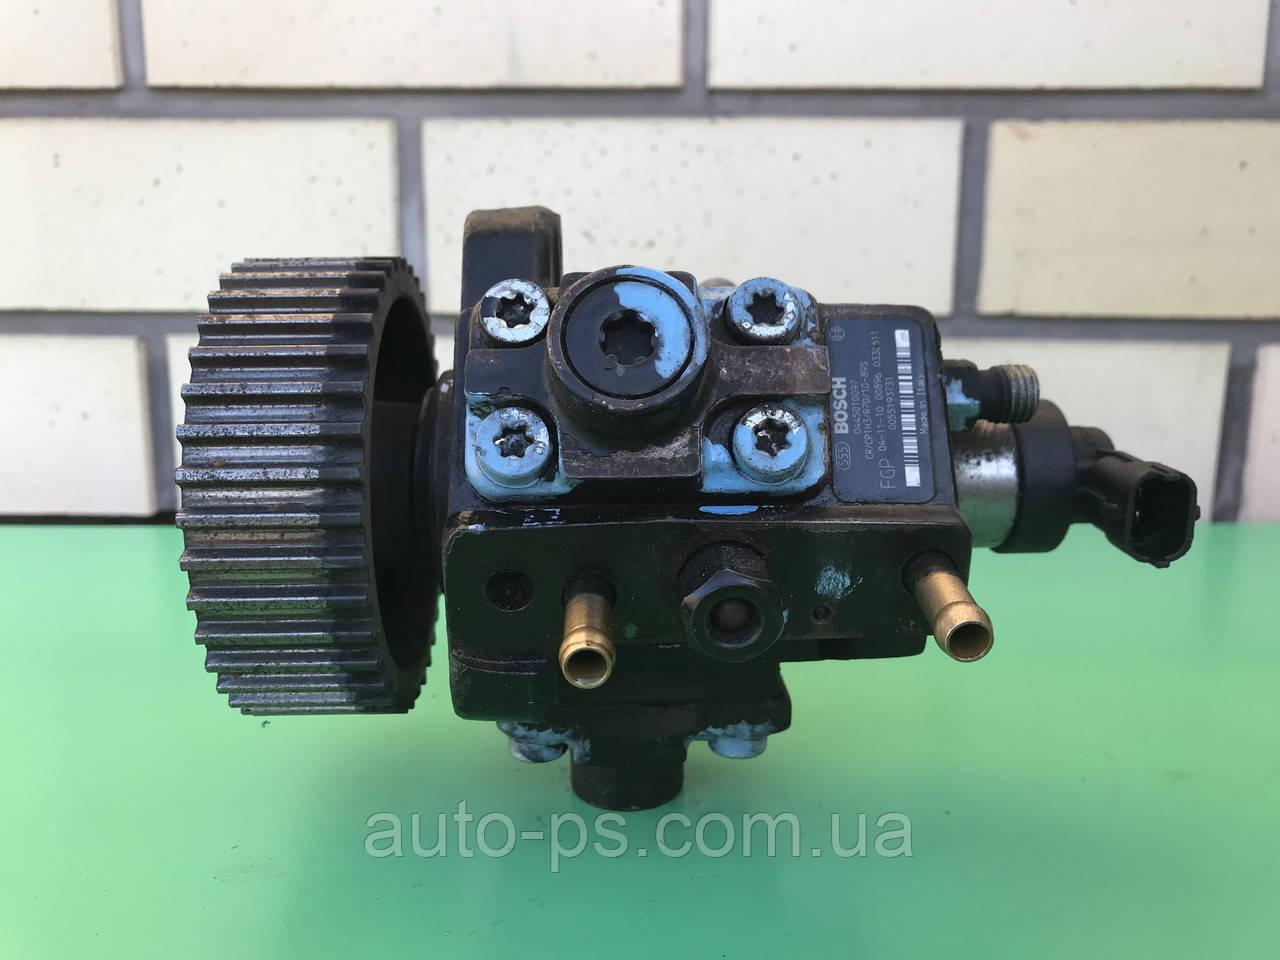 Топливный насос высокого давления (ТНВД) Opel Vectra C 1.9CDTI